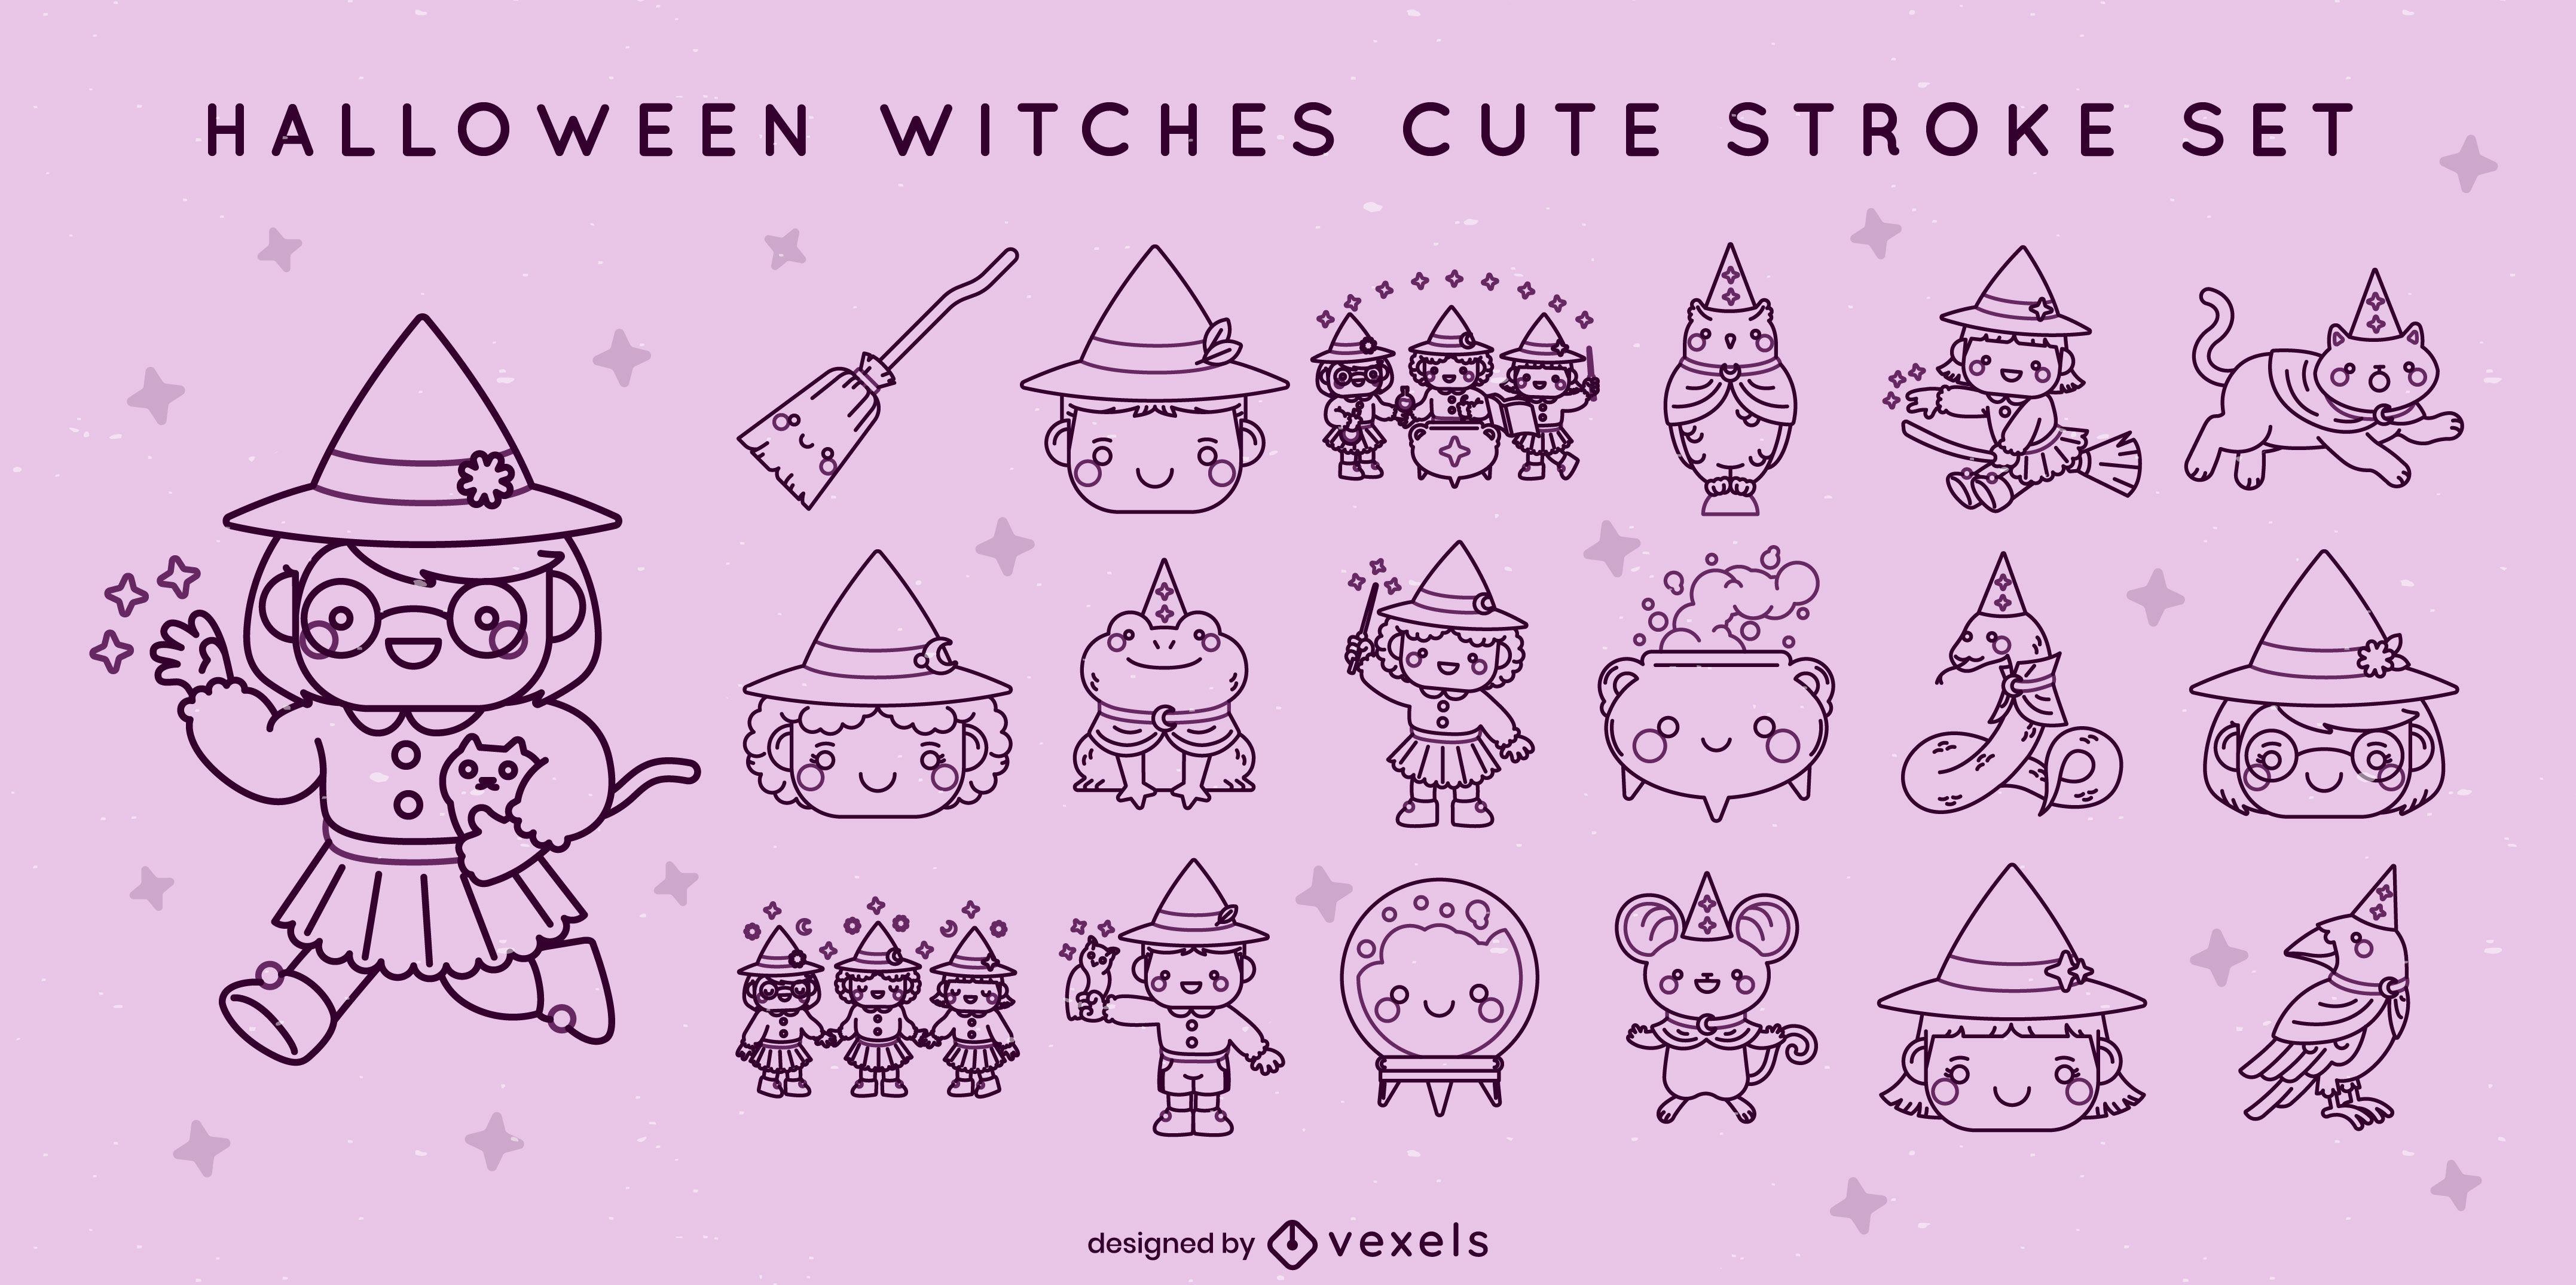 Cute children witches halloween stroke set